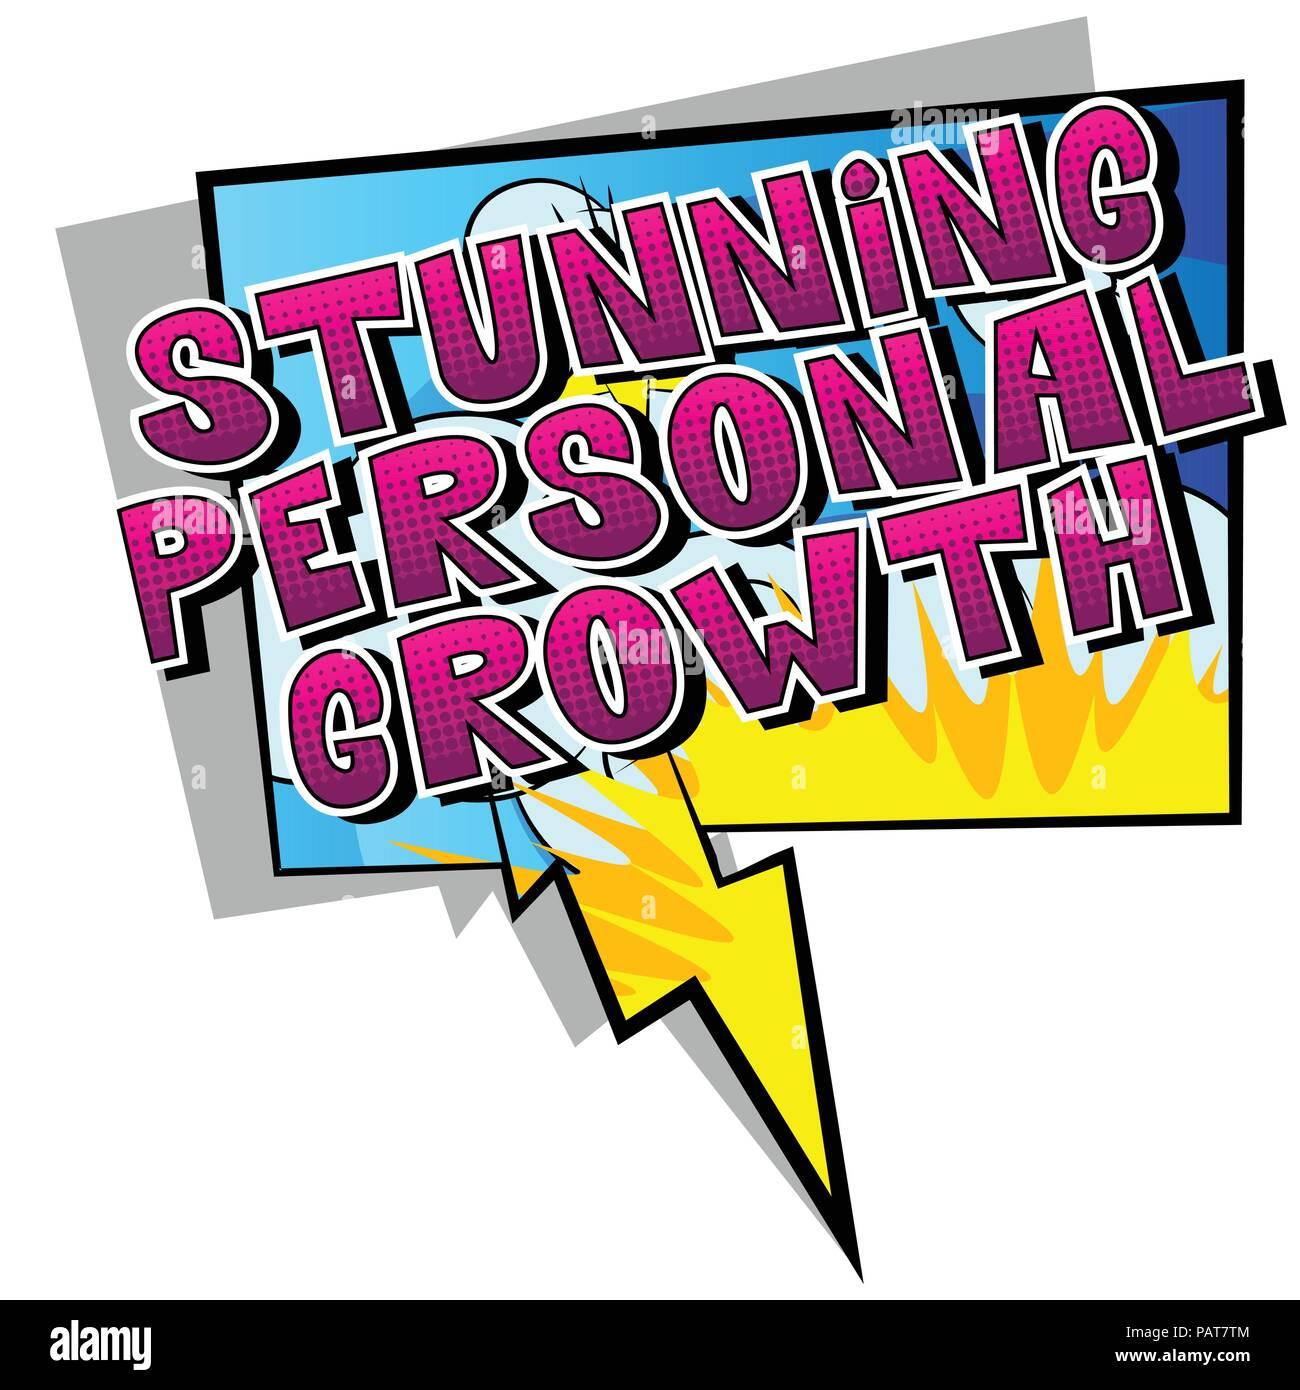 Impresionante Crecimiento Personal - estilo cómic palabra sobre fondo abstracto. Imagen De Stock